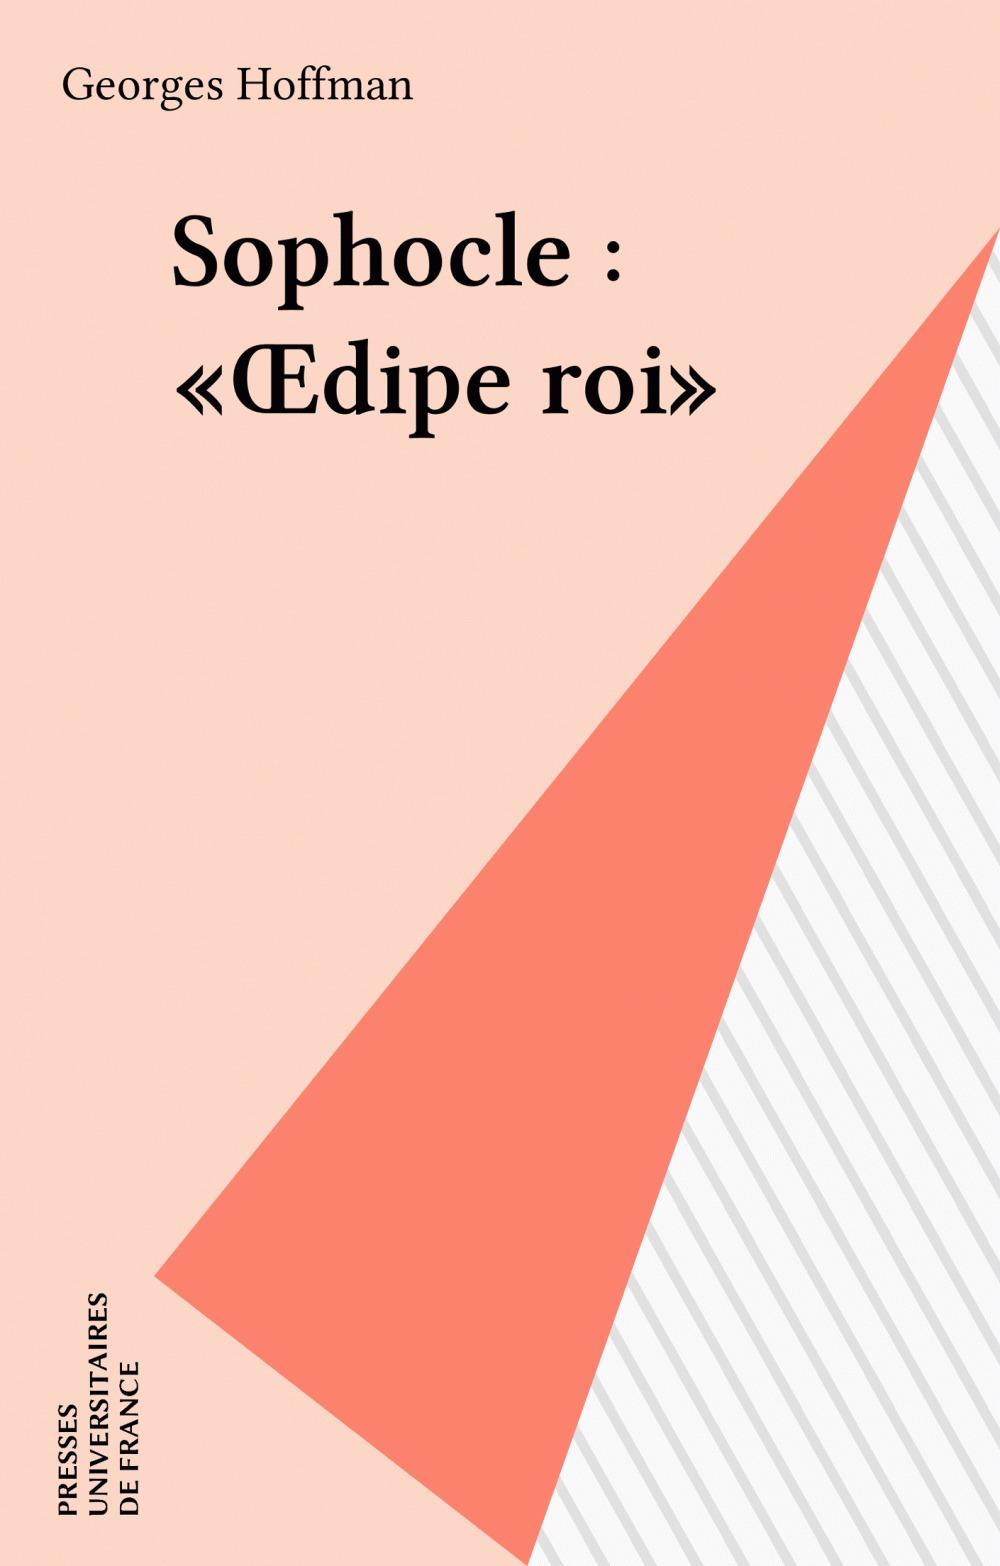 Sophocle : «OEdipe roi»  - Georges Hoffmann  - Georges Hoffman